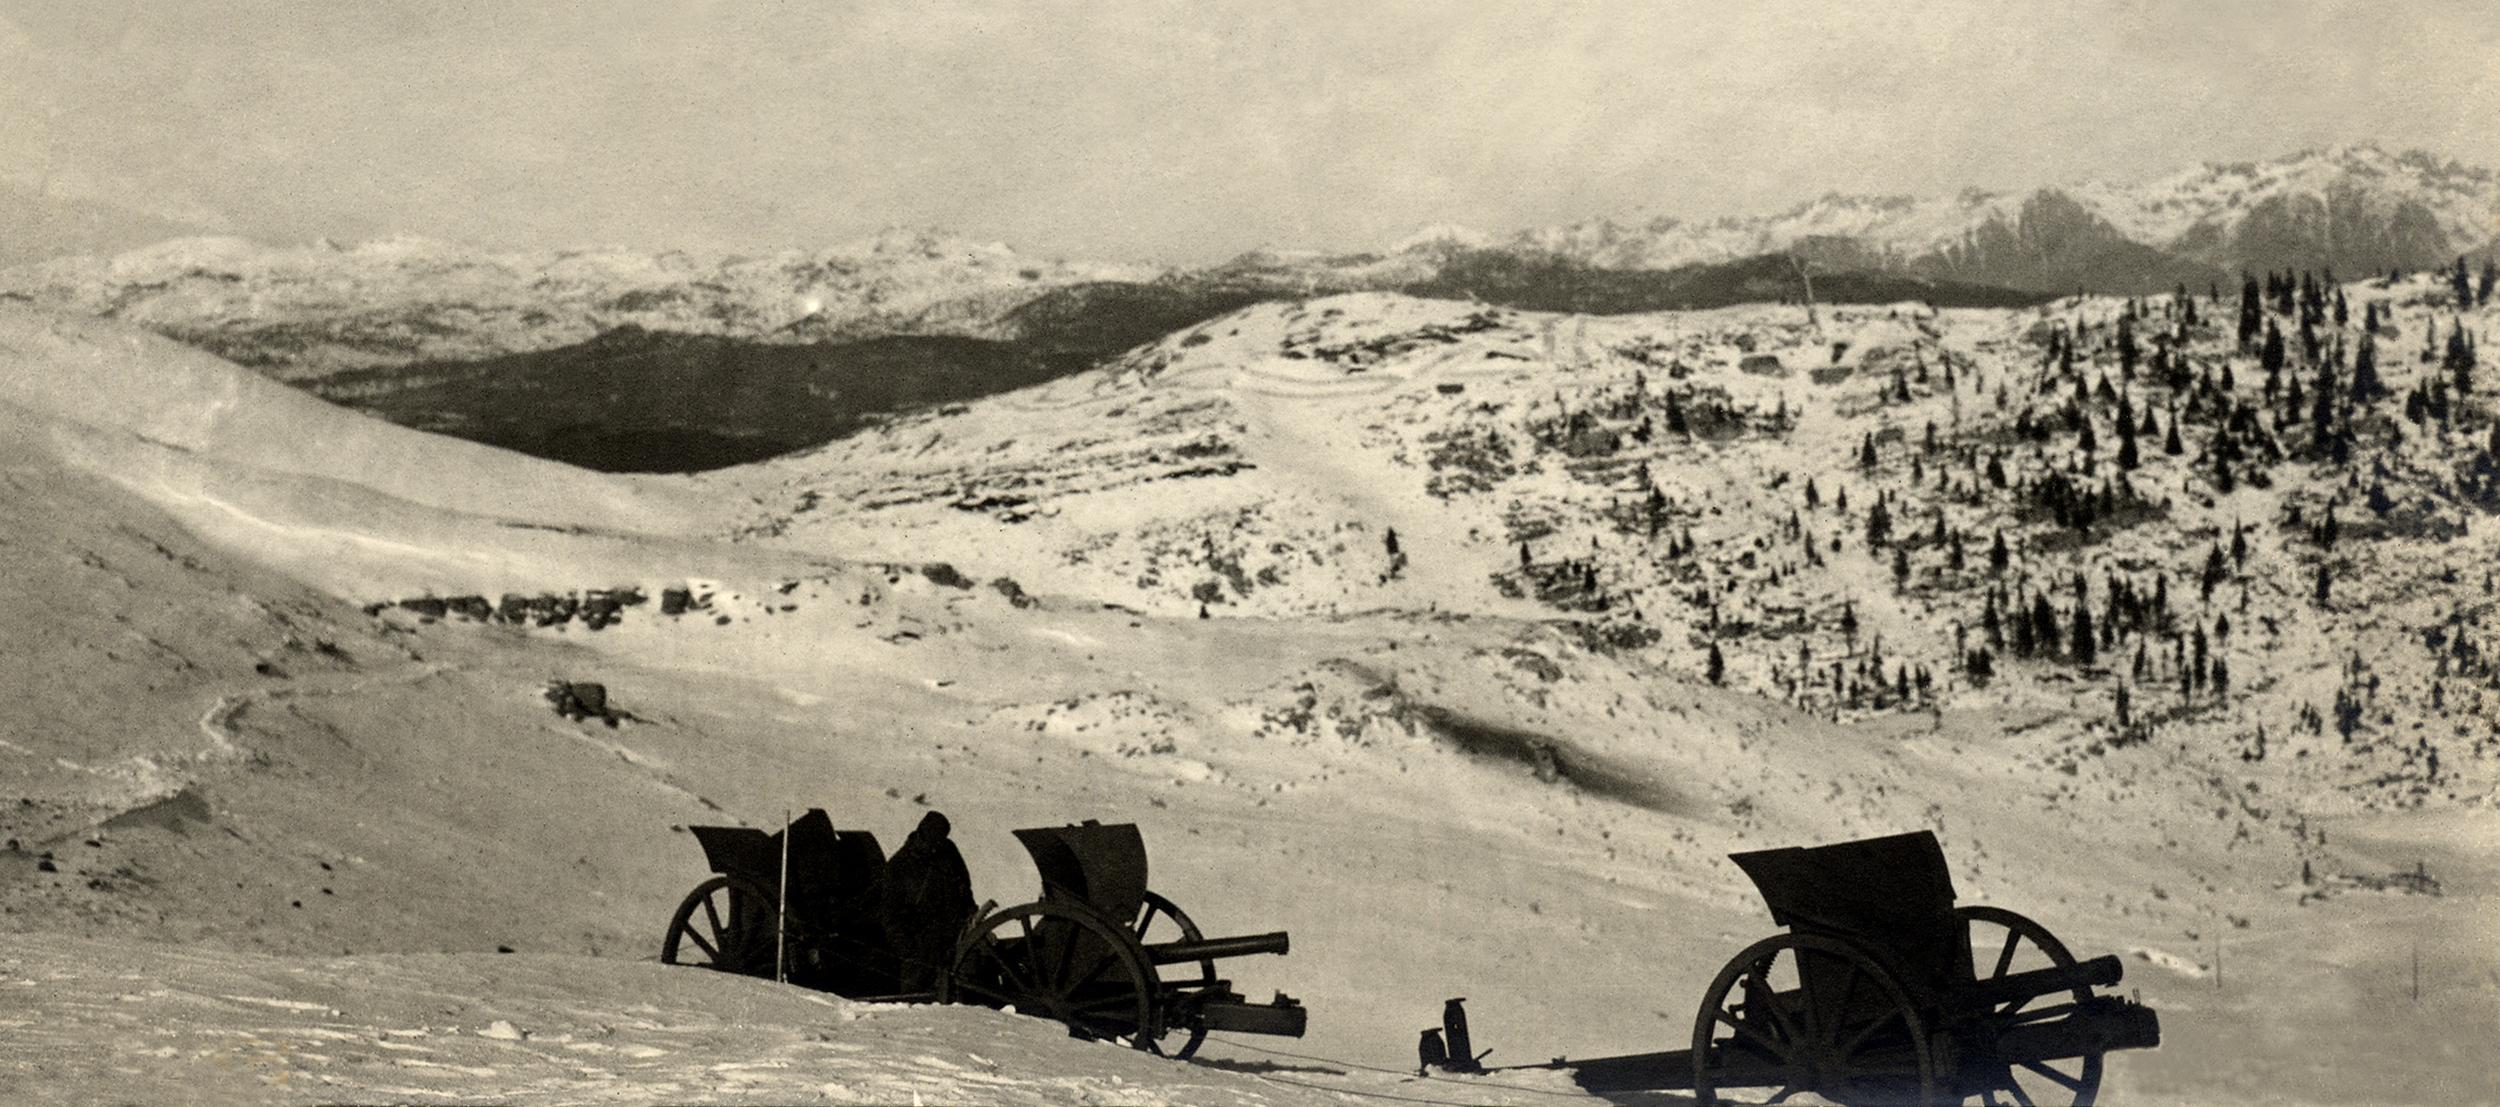 Cannoni italiani abbandonati sulle Melette nell'inverno del 1917-1918